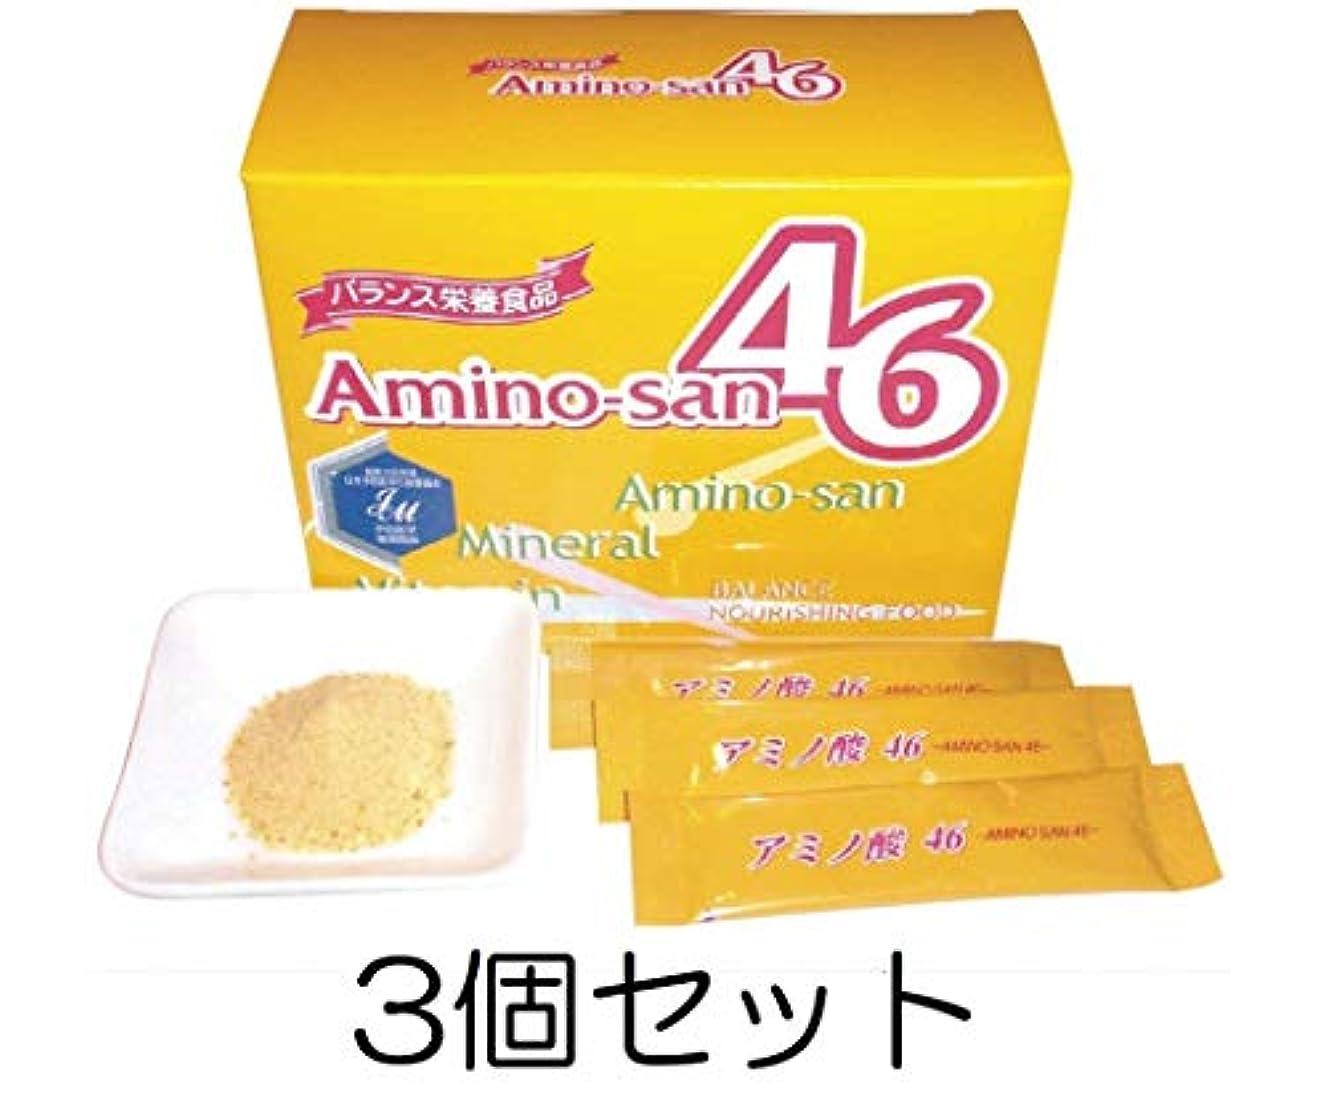 浜辺サンダルトラフィックベル?クール研究所 アミノ酸46 3g×60本入り(1ヶ月分)×3箱セット ポーレン(蜂蜜花粉)含有サプリメント 栄養補助食品